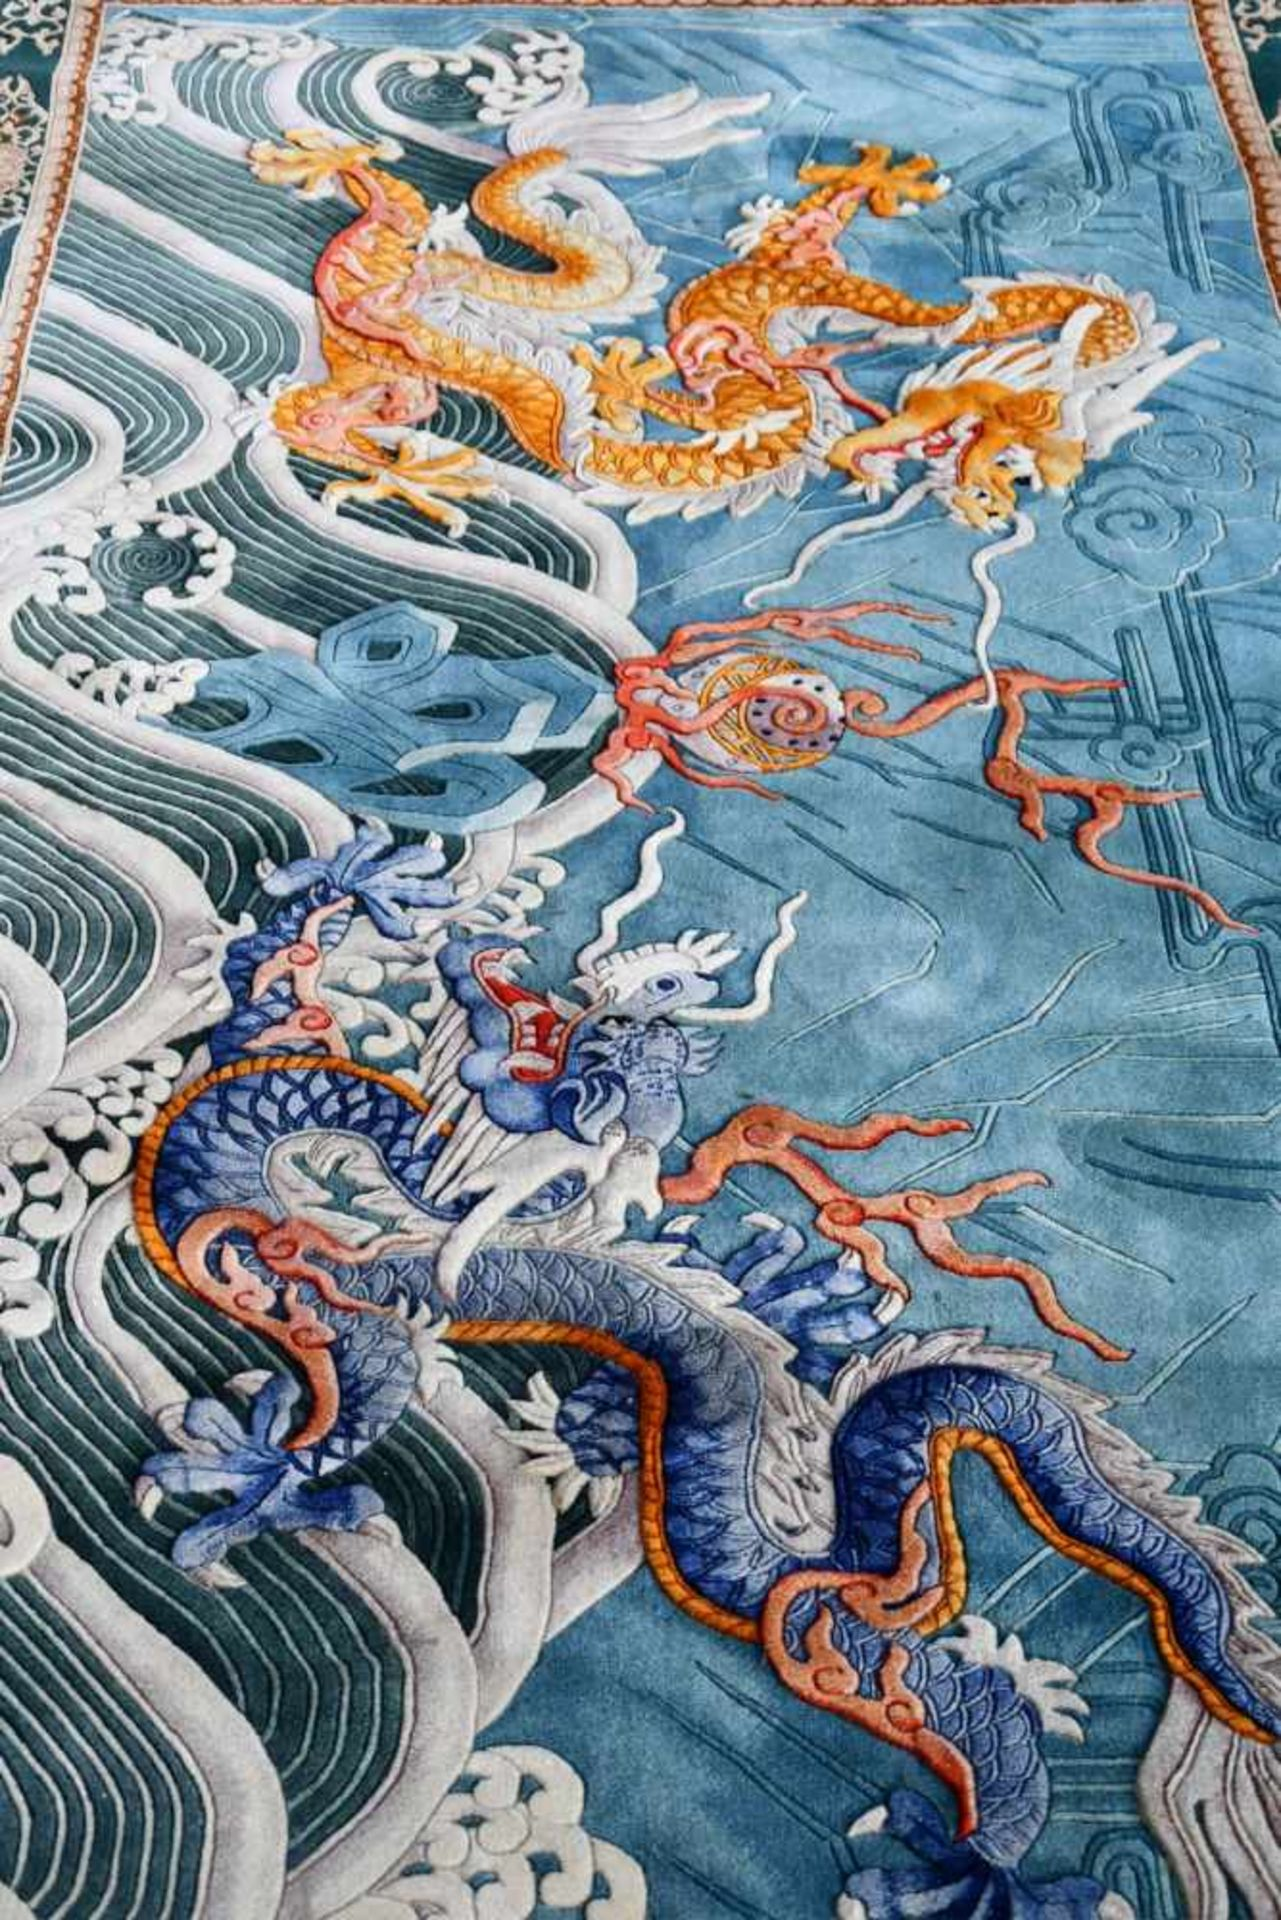 Großer Wandteppich, ChinaKampf des goldenen und blauen Drachen auf türkisfarbenem Fond, unten - Bild 3 aus 6